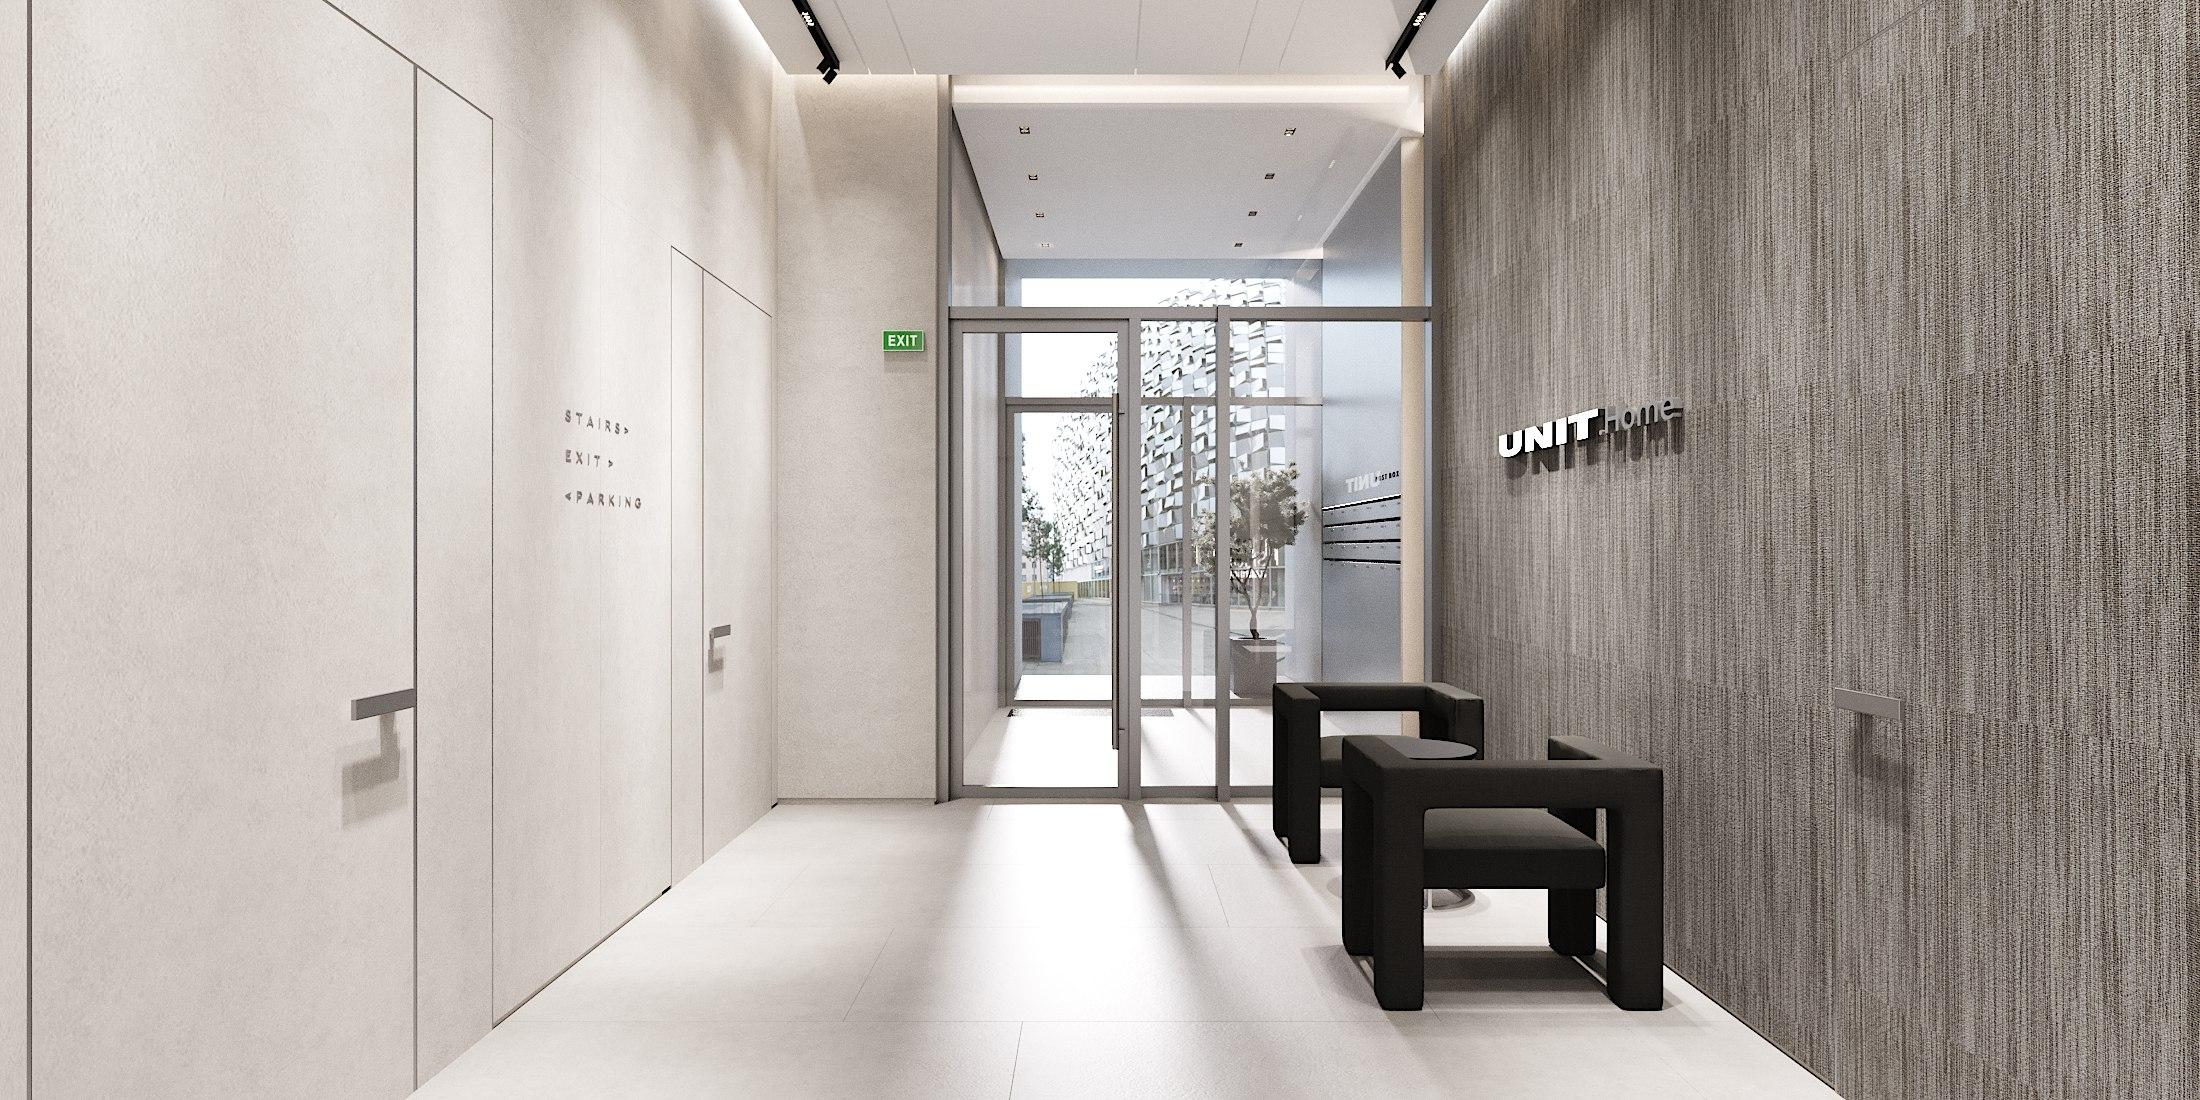 Дома в UNIT.Home оснастят автоматизированной системой управления